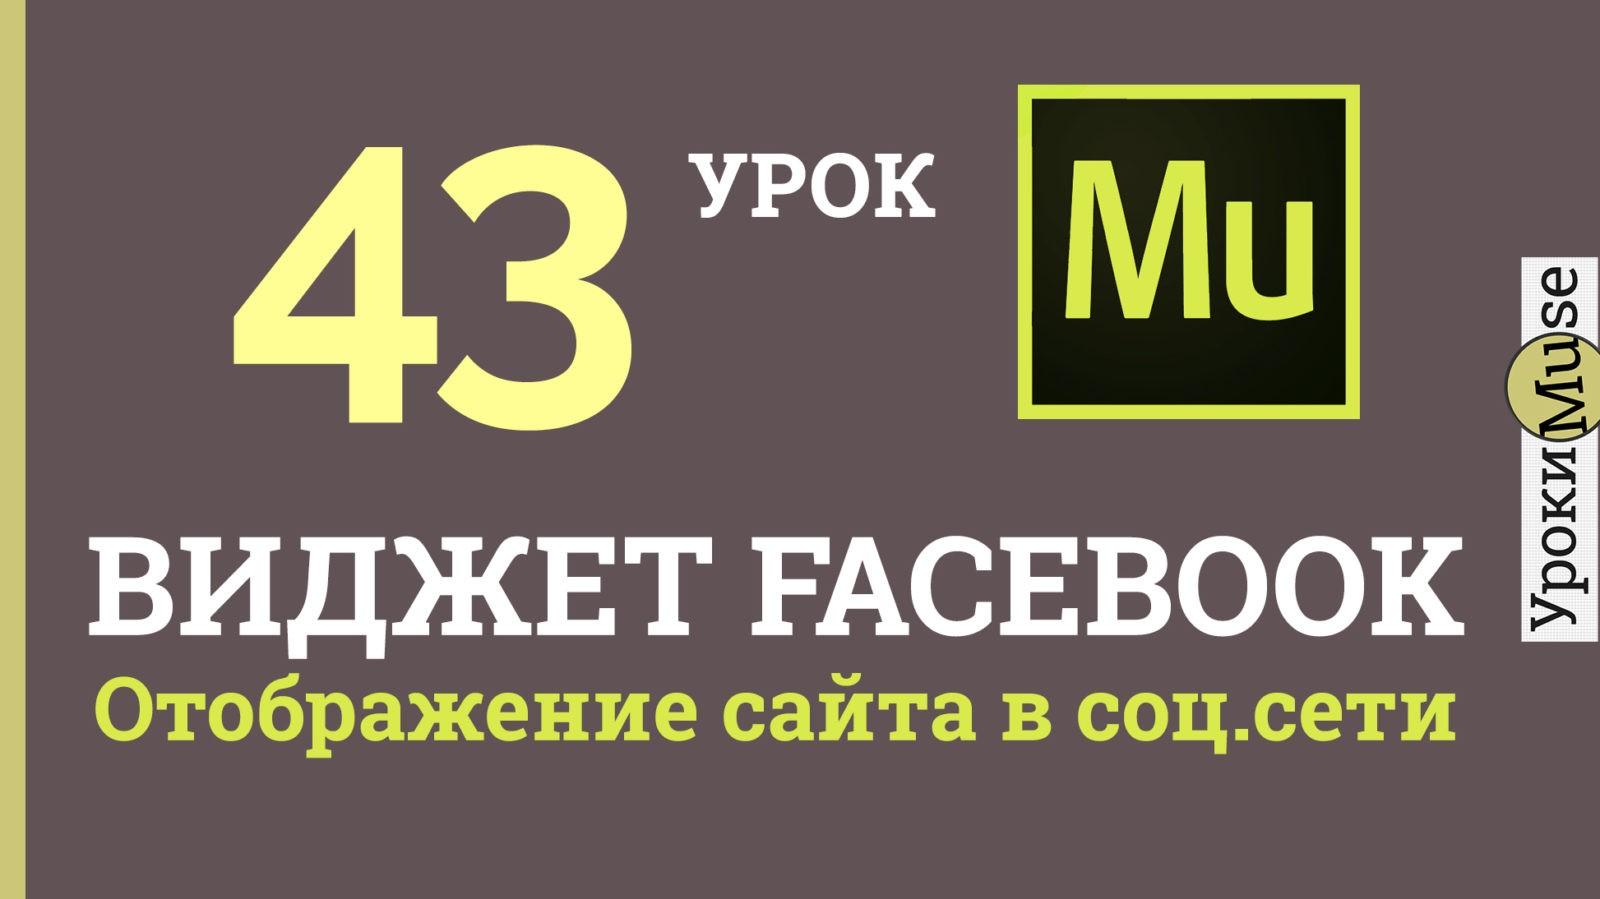 Виджет Facebook отображение сайта в соц.сети